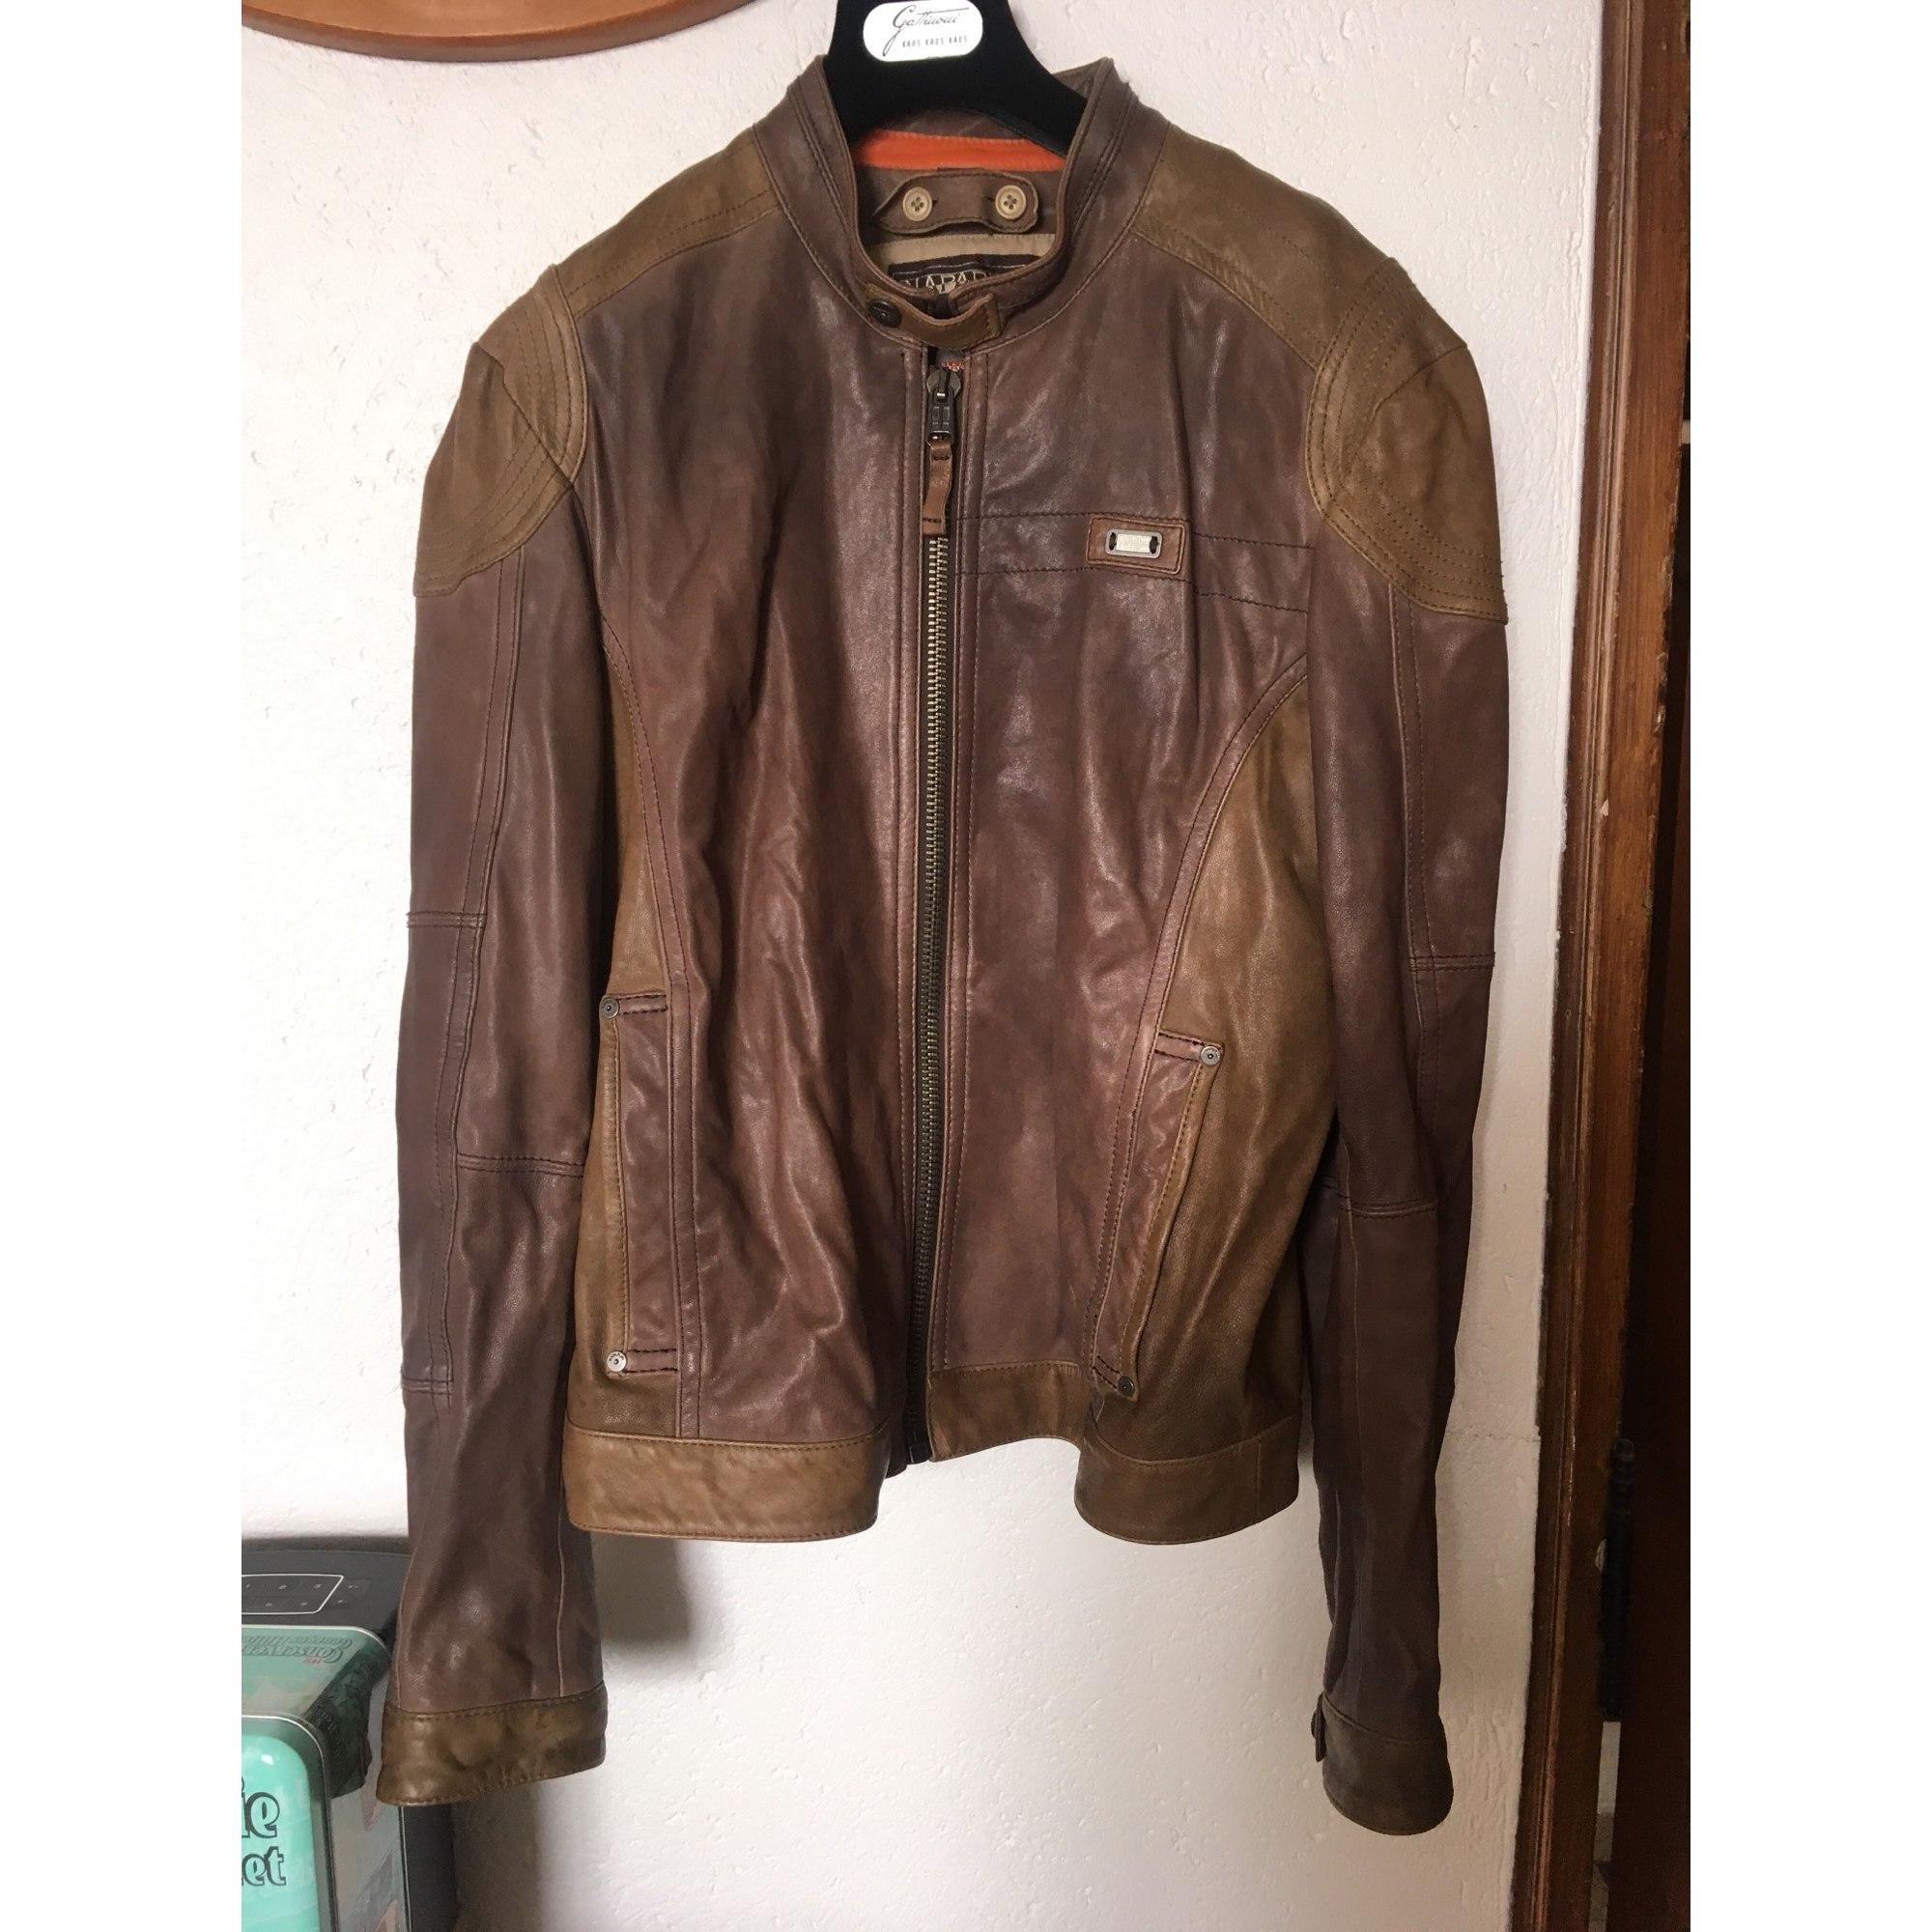 Blouson en cuir NAPAPIJRI 52 (L) marron -